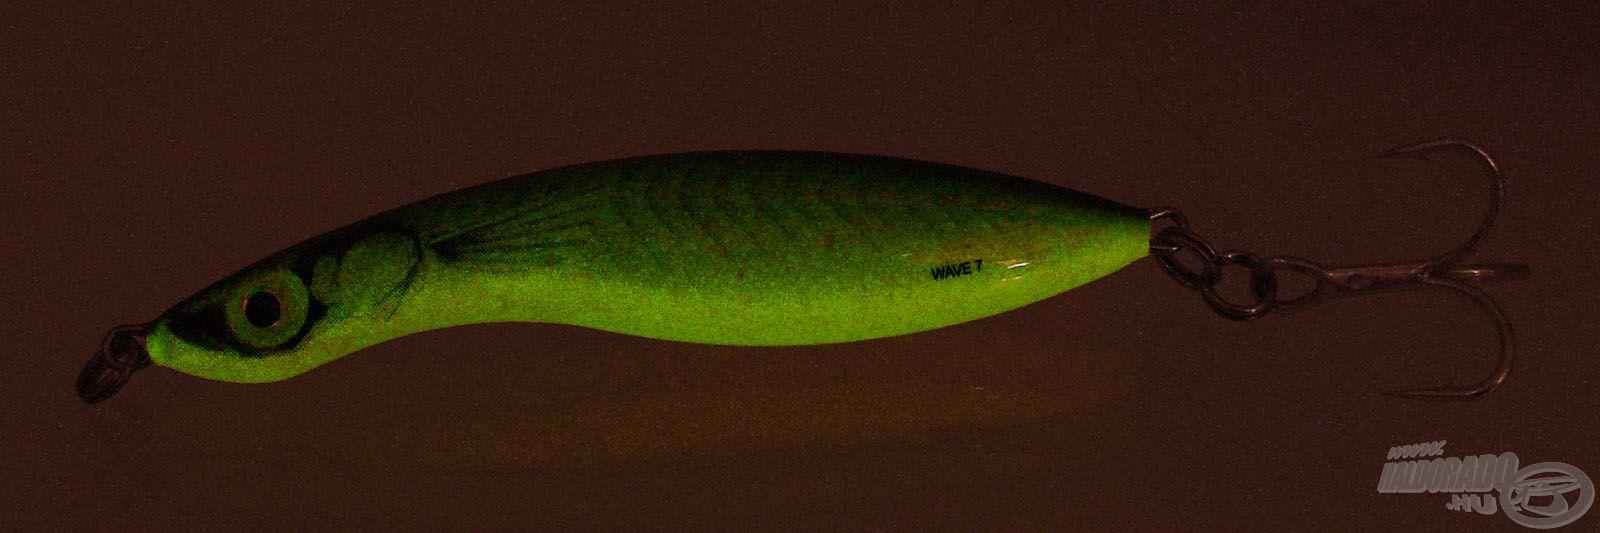 Ez a színváltozat igazi kuriózum, mivel sötétben látványos lumineszkáló zöld színt produkál